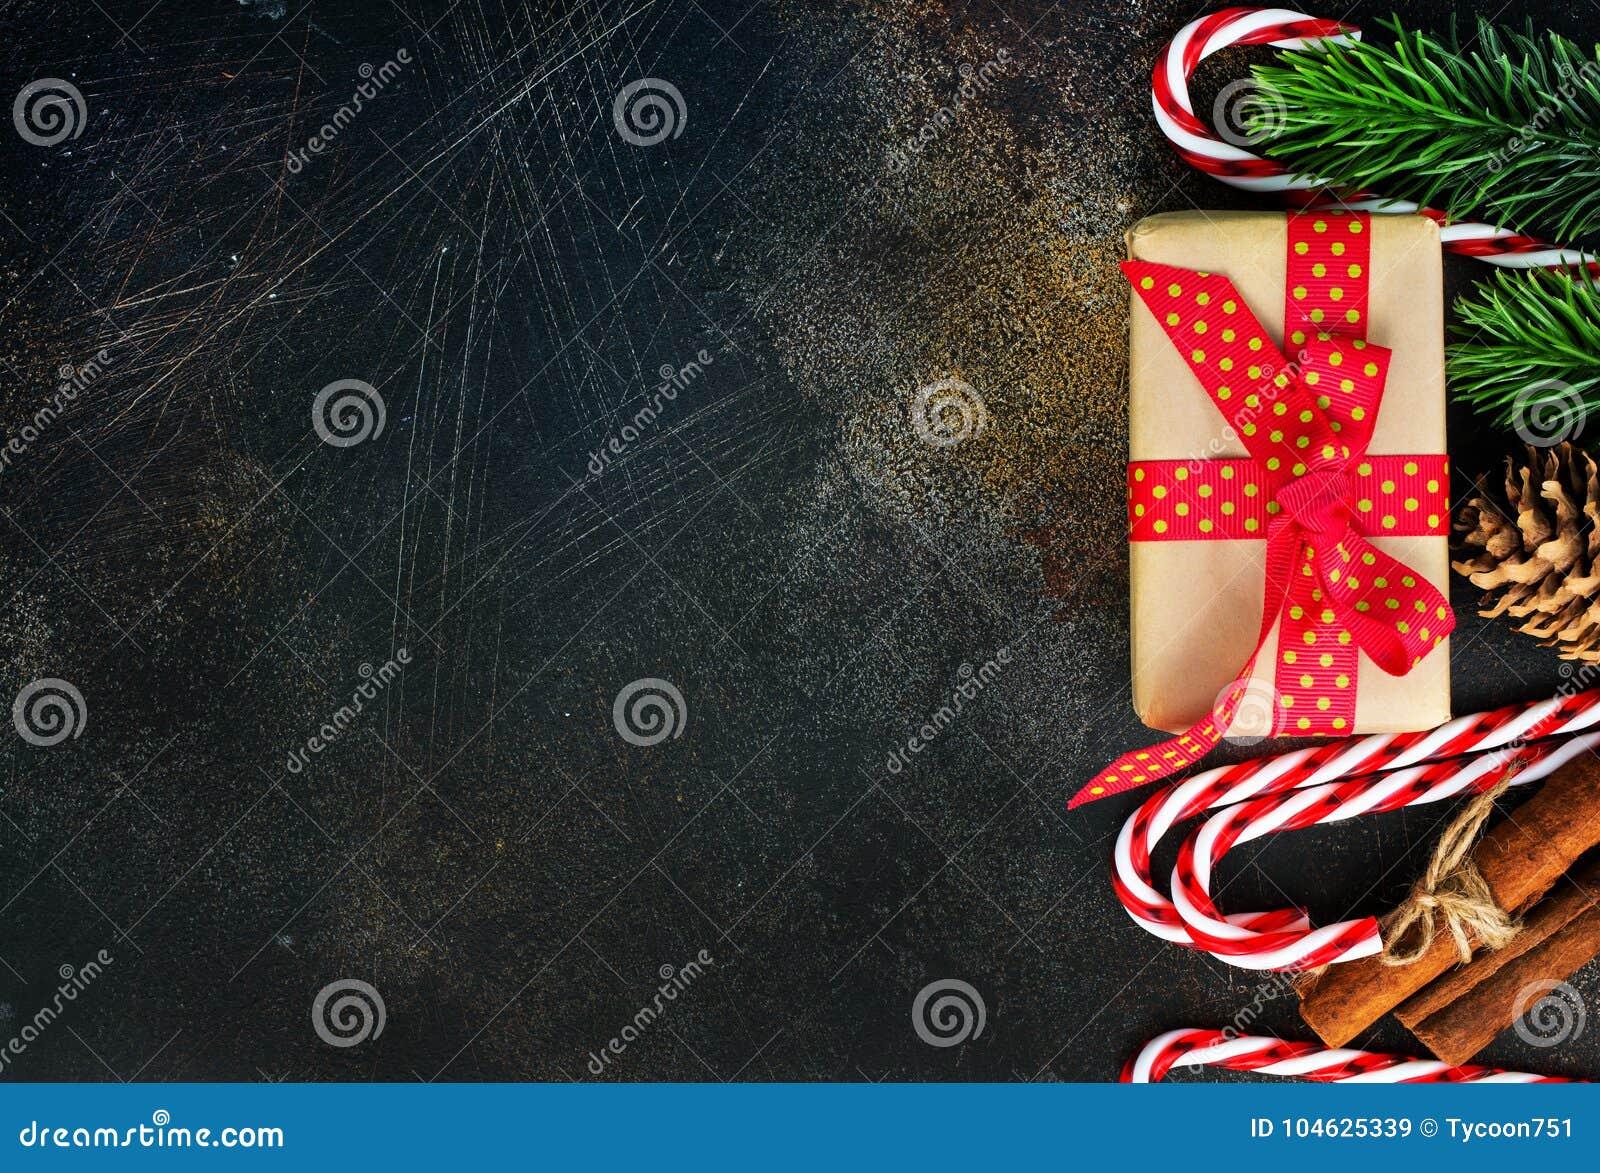 Download De Achtergrond Van Kerstmis Stock Afbeelding - Afbeelding bestaande uit nieuw, feestelijk: 104625339